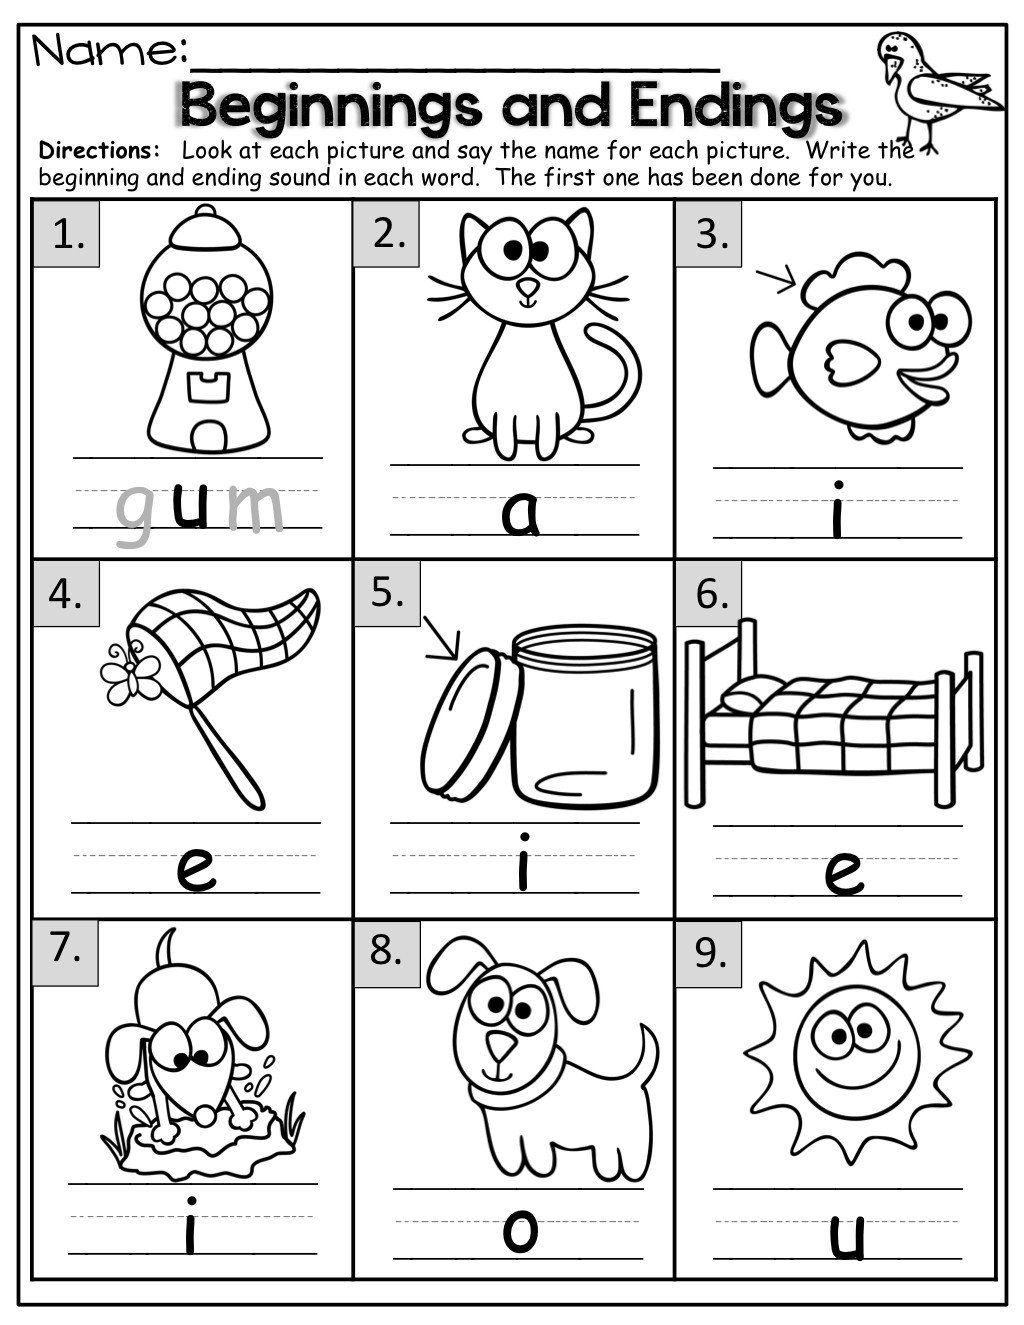 Ending Sound Worksheets For Kindergarten Beginning Middle